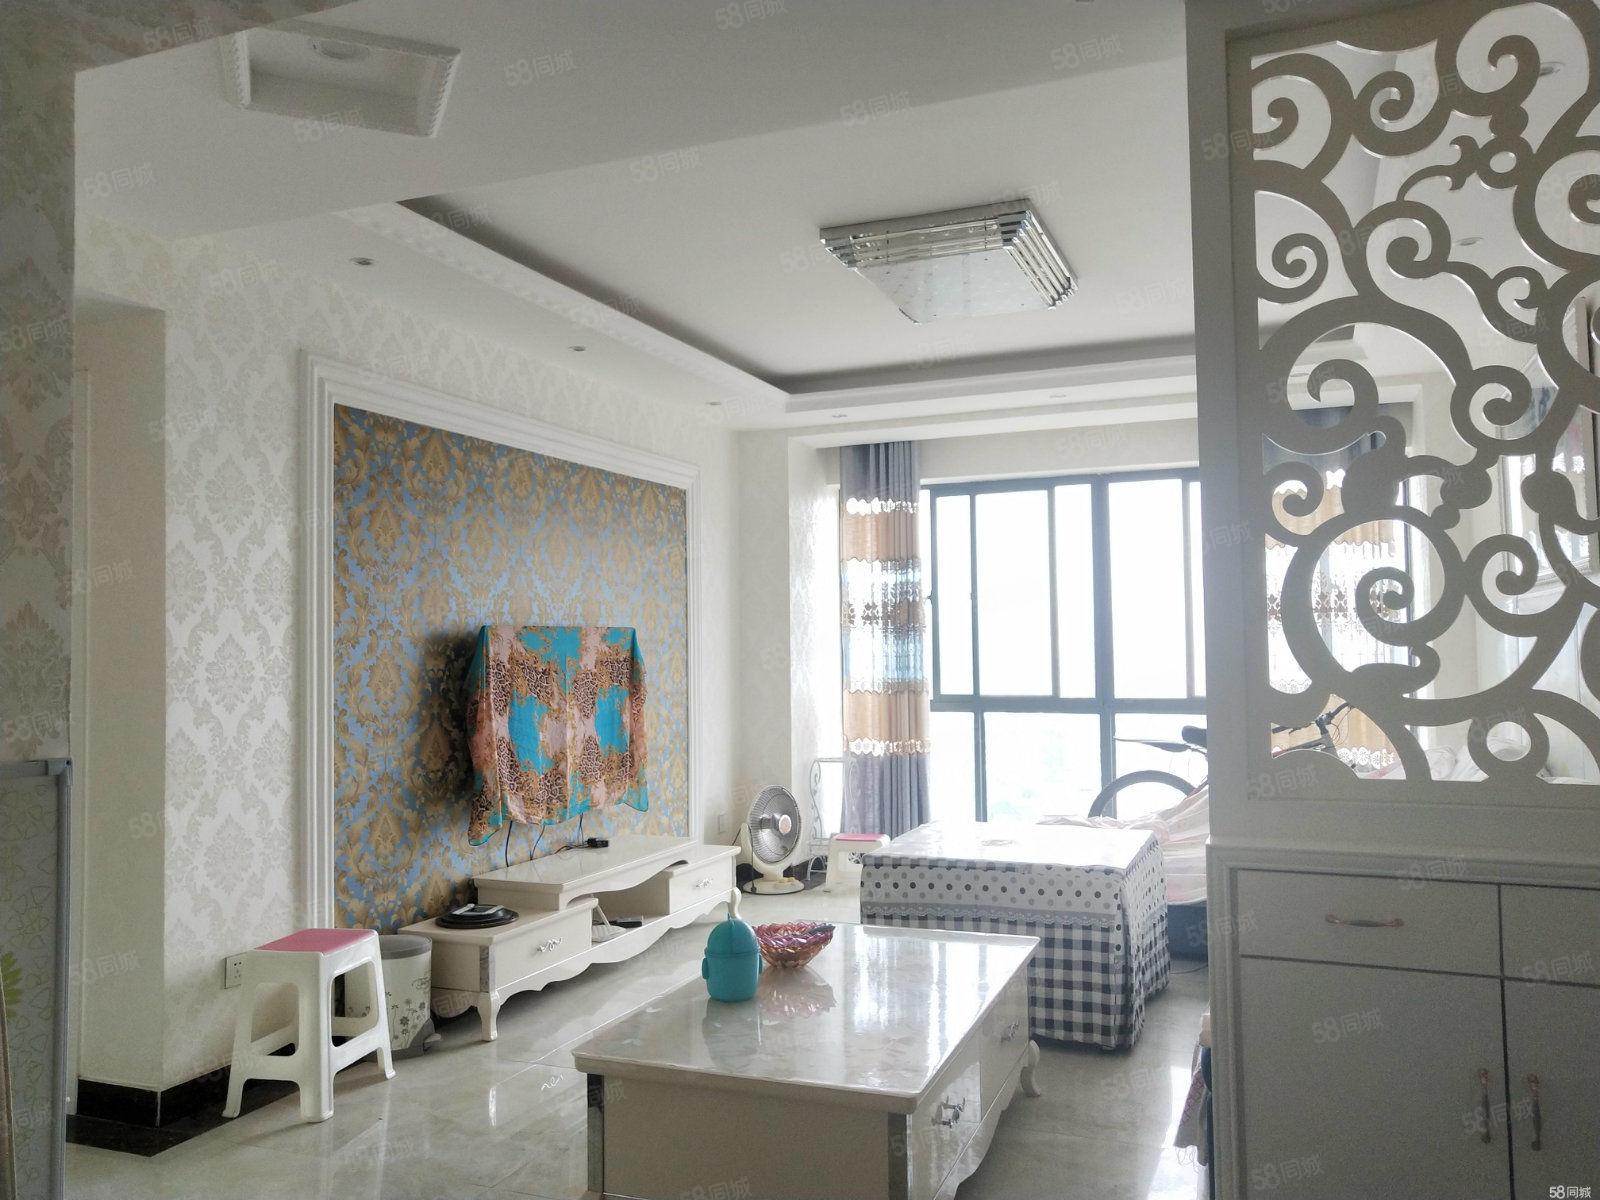 时代滨江对面,汉水名城阅府,婚装两室拎包入住,随时看房可按揭